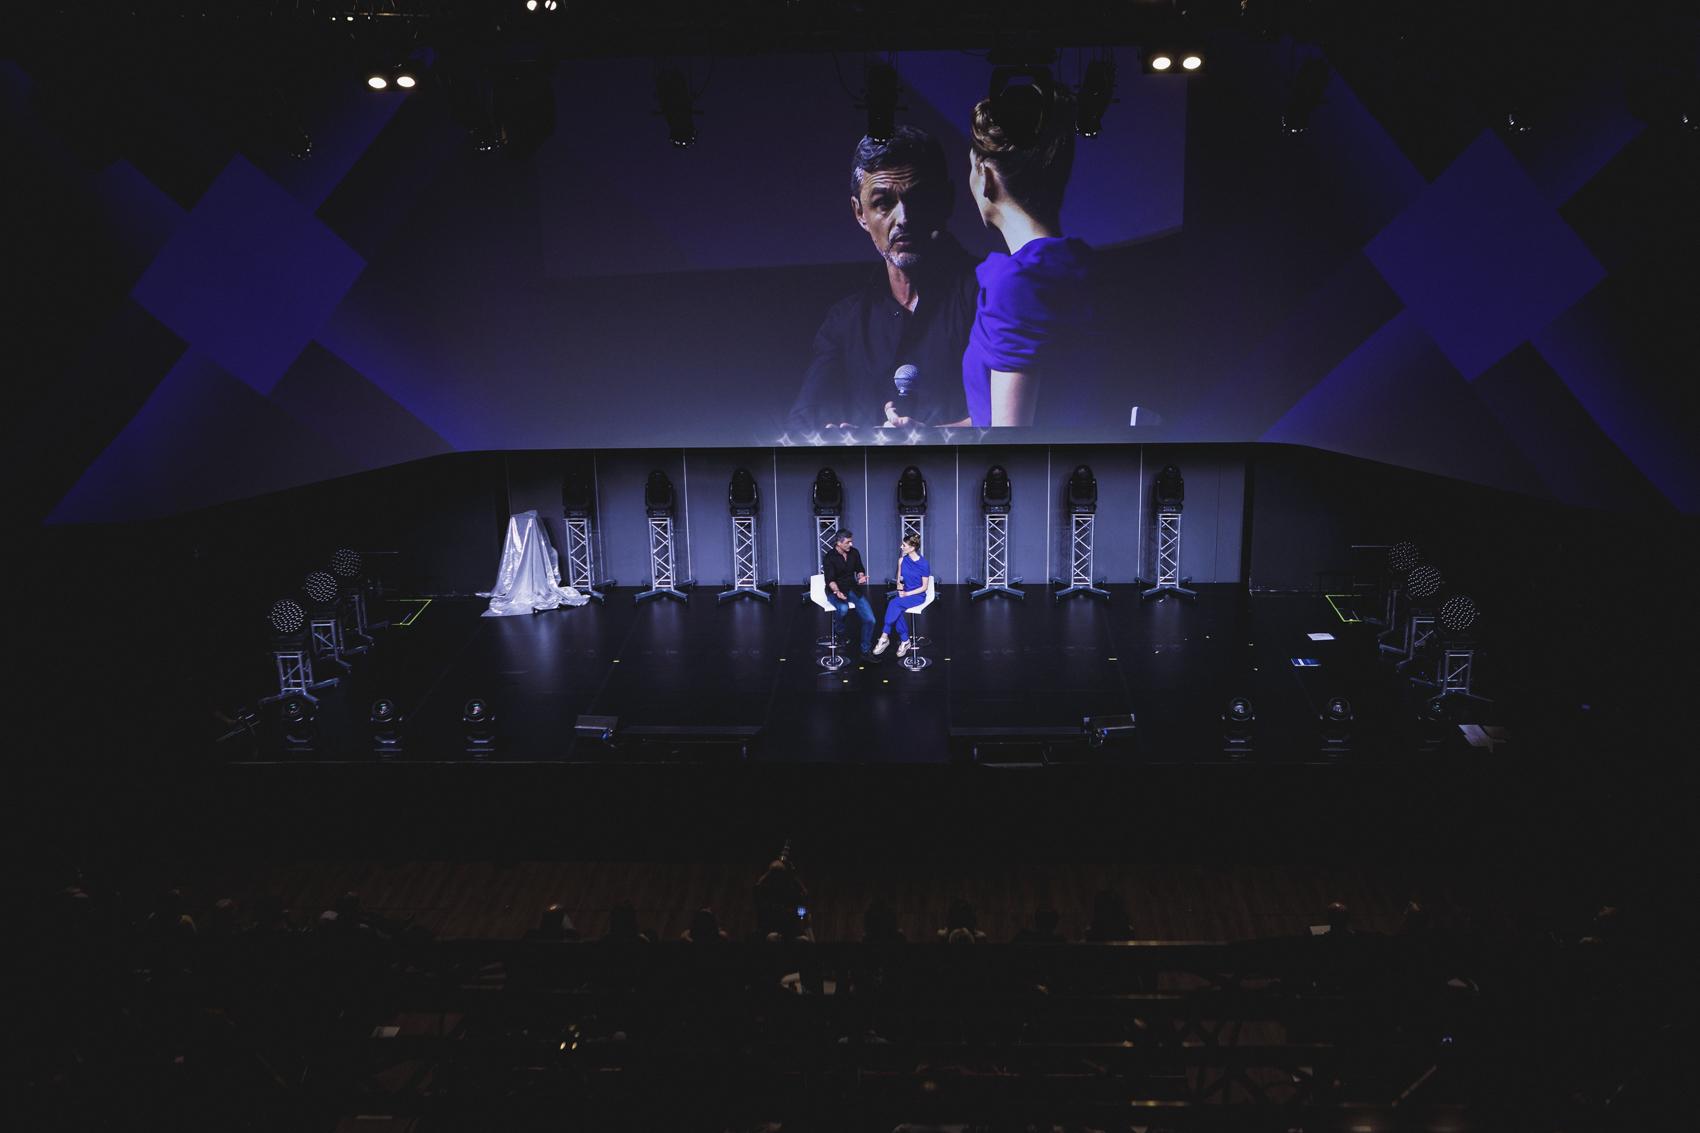 Dopo la sua performance, Erika Lemay condivide i suoi segreti di alta prestazione.